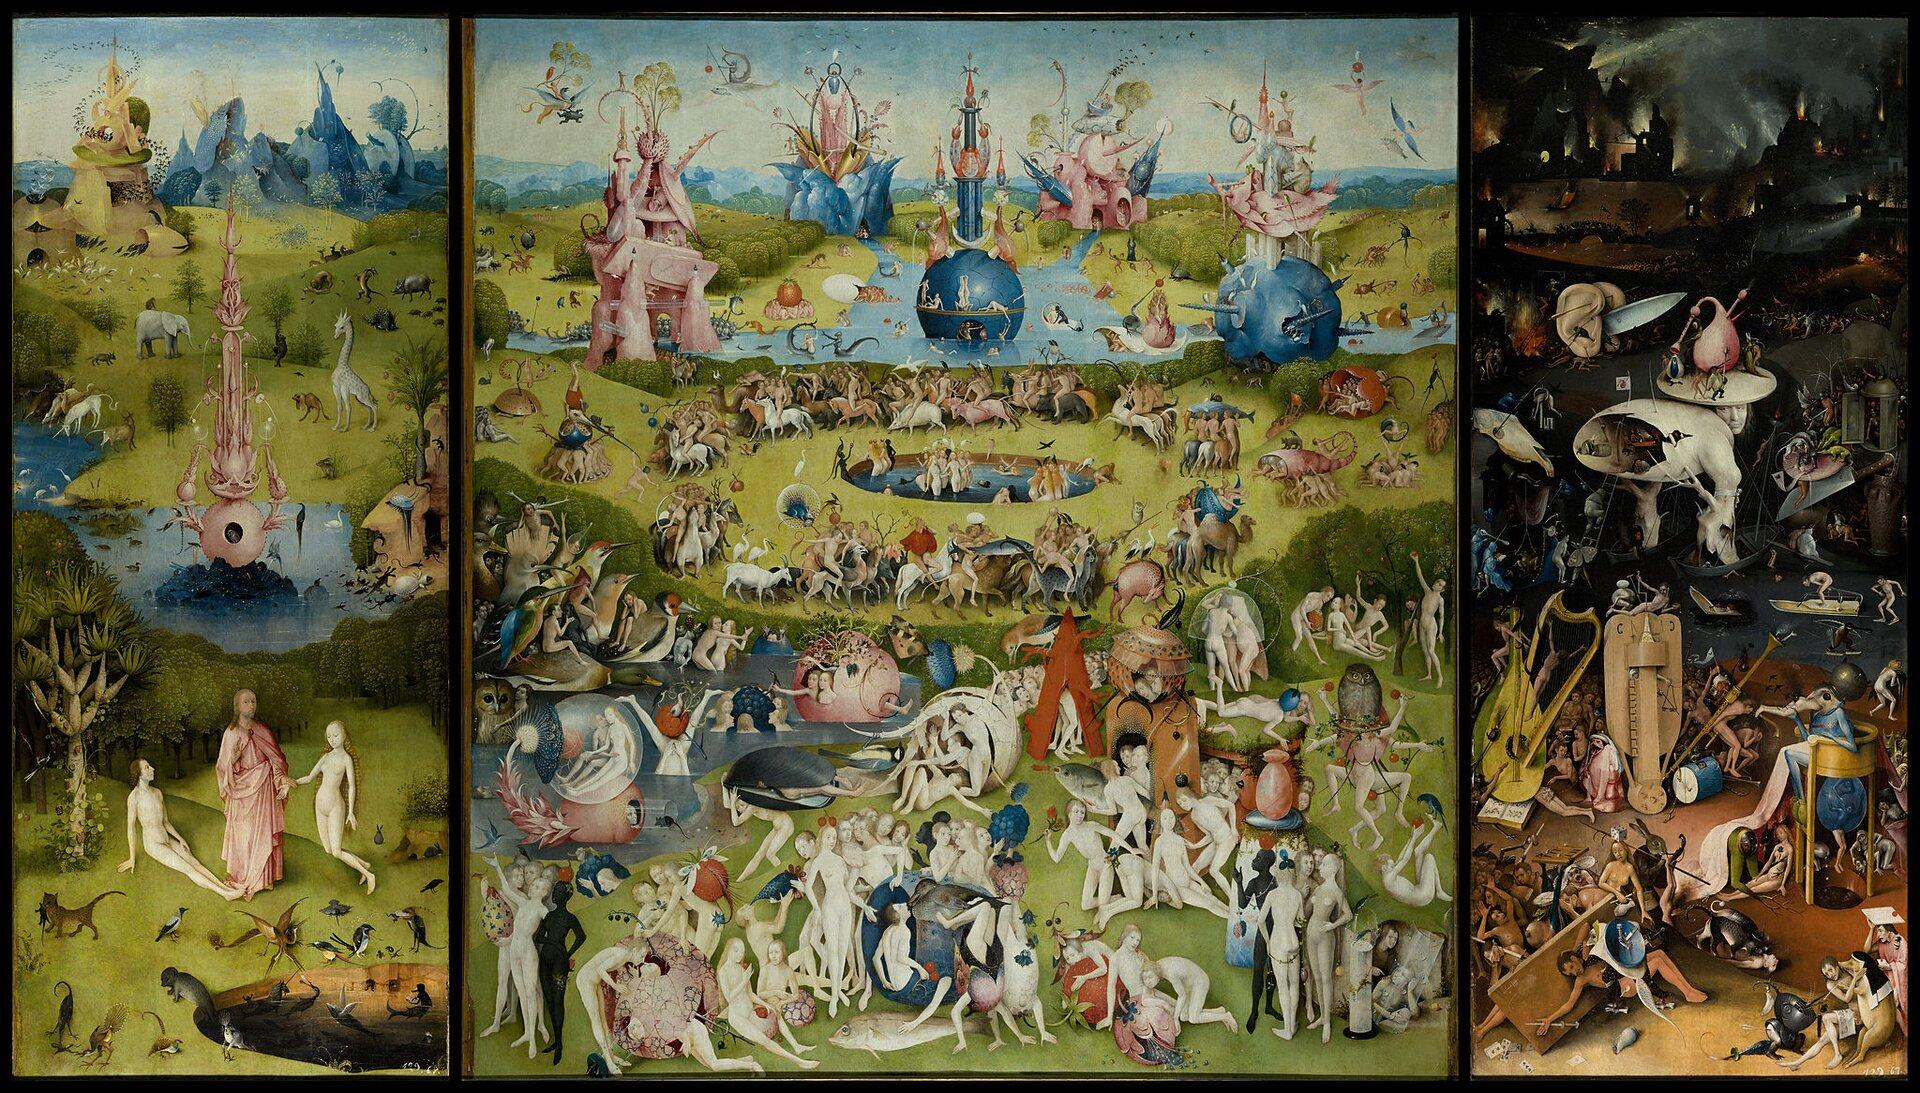 Ogród rozkoszy Obrazprzedstawiający nierzeczywisty świat za pomocą obiektów zaczerpniętych zotoczenia. Jego właścicielem był książę Wilhelm IOrański, ale po wybuchu buntu antyhiszpańskiego, na czele którego stanęła dynastia Orańska, obraz został skonfiskowany iprzewieziony do Hiszpanii. Obecnie znajduje się wMuzeum Prado wMadrycie. Źródło: Hieronim Bosch, Ogród rozkoszy, między 1480 a1505, olej na desce, Prado, domena publiczna.